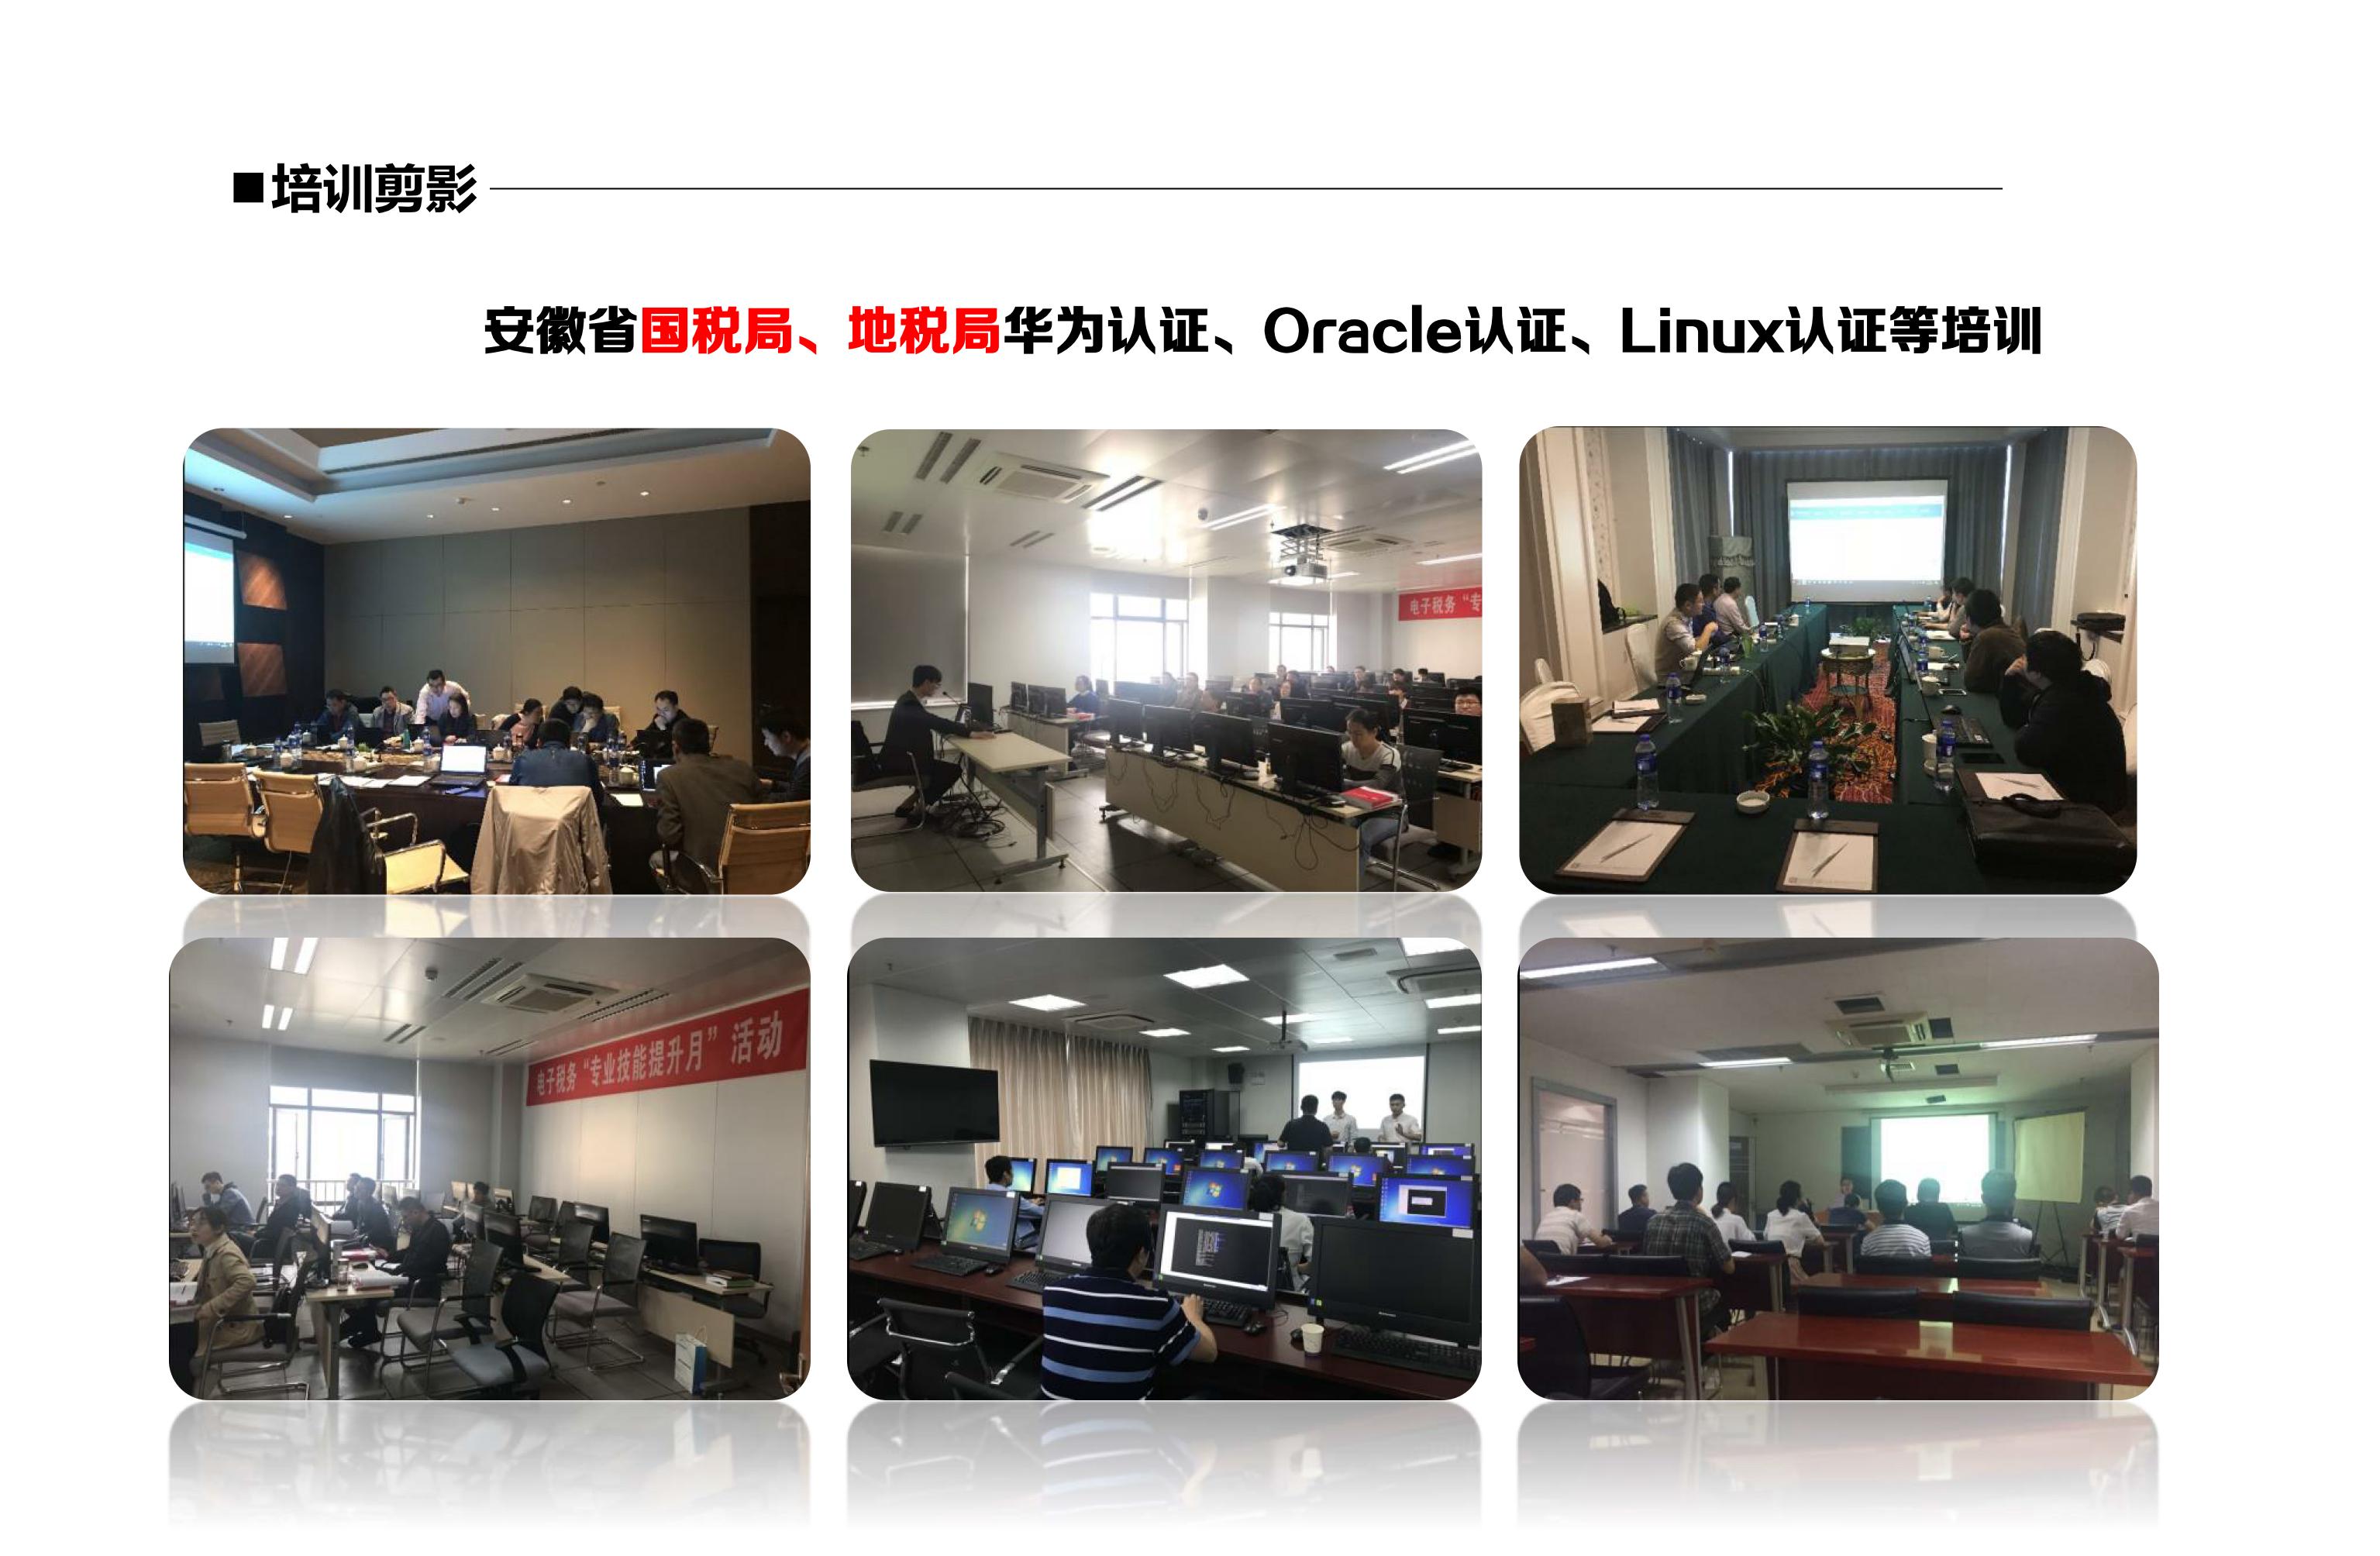 公司简介-安徽肯耐博国际IT认证培训考试中心-2019_04